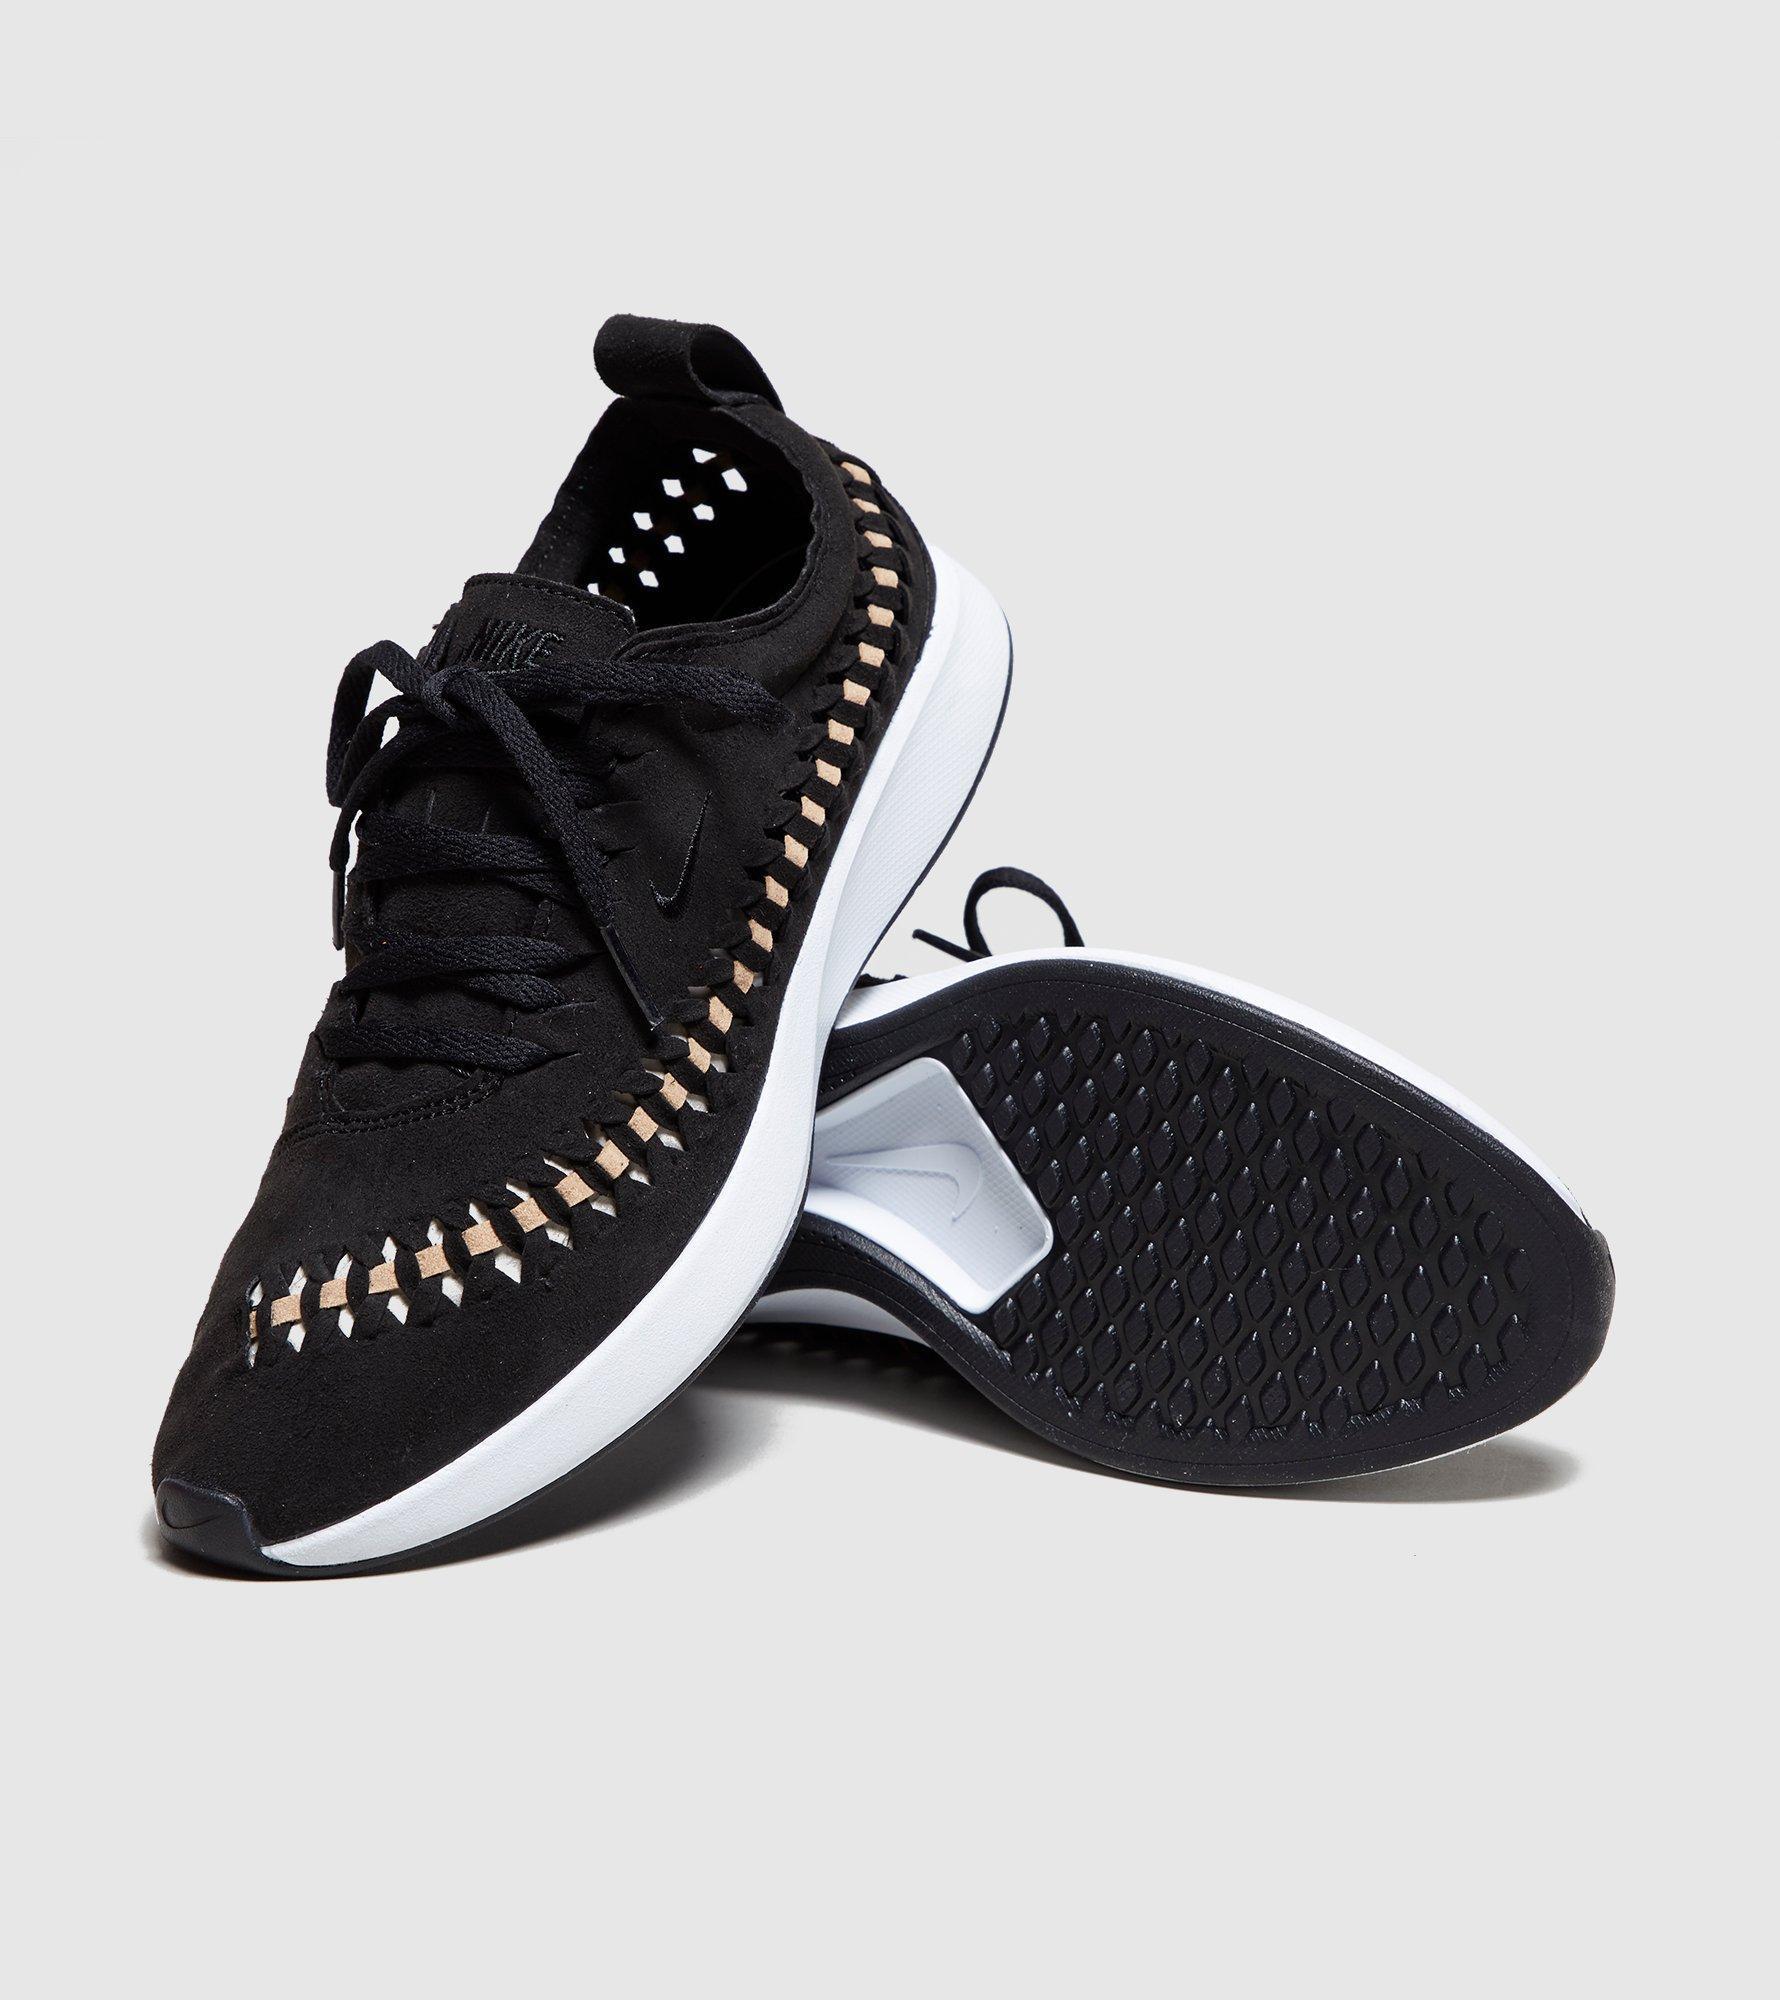 Nike Dualtone Racer Woven Women s in Black - Lyst 7d9b5d60f